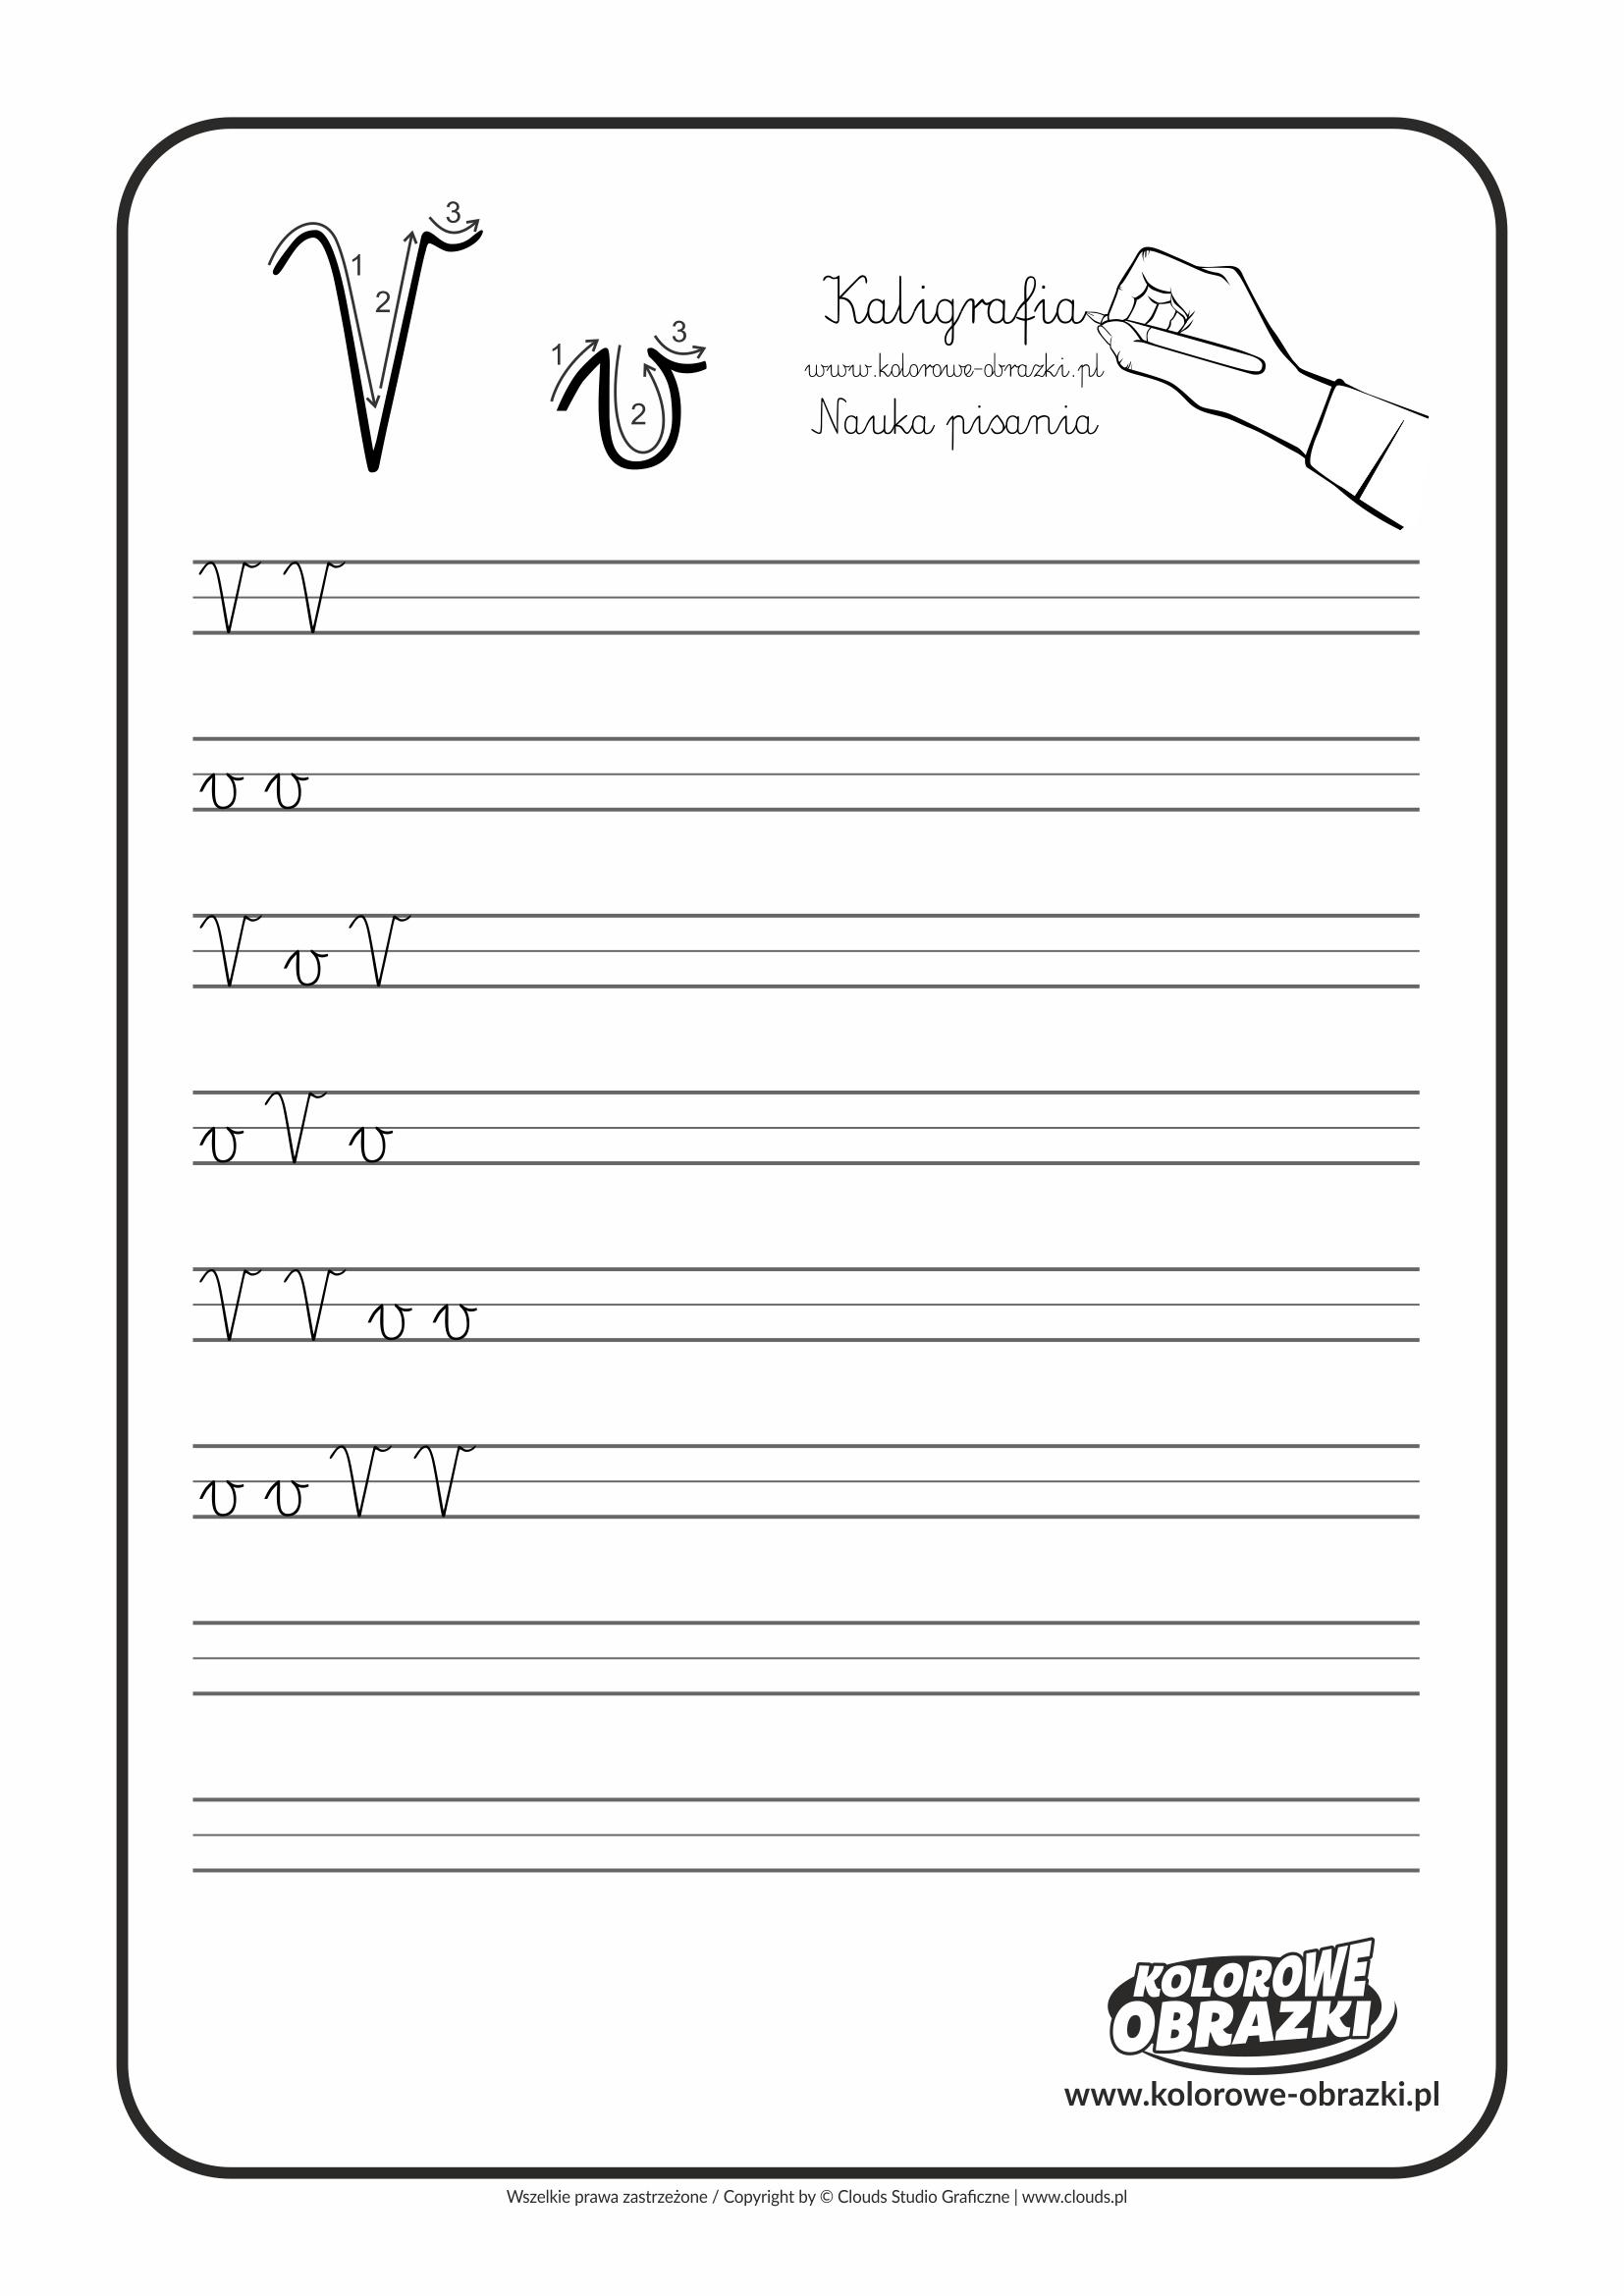 Kaligrafia dla dzieci - Ćwiczenia kaligraficzne / Litera V. Nauka pisania litery V